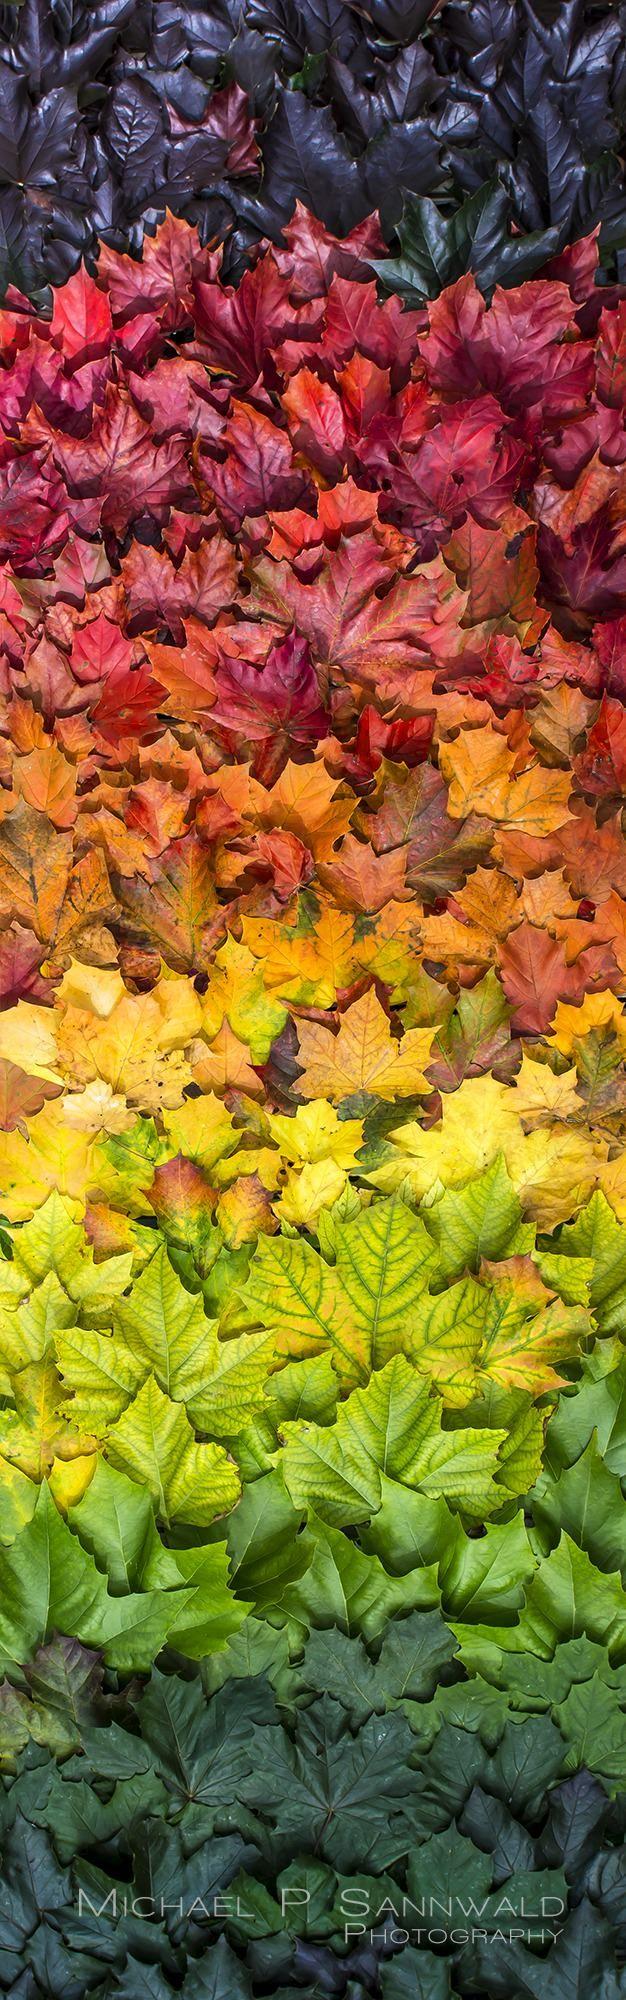 Spectre de couleur des feuilles d'automne - Michael P Sannwald